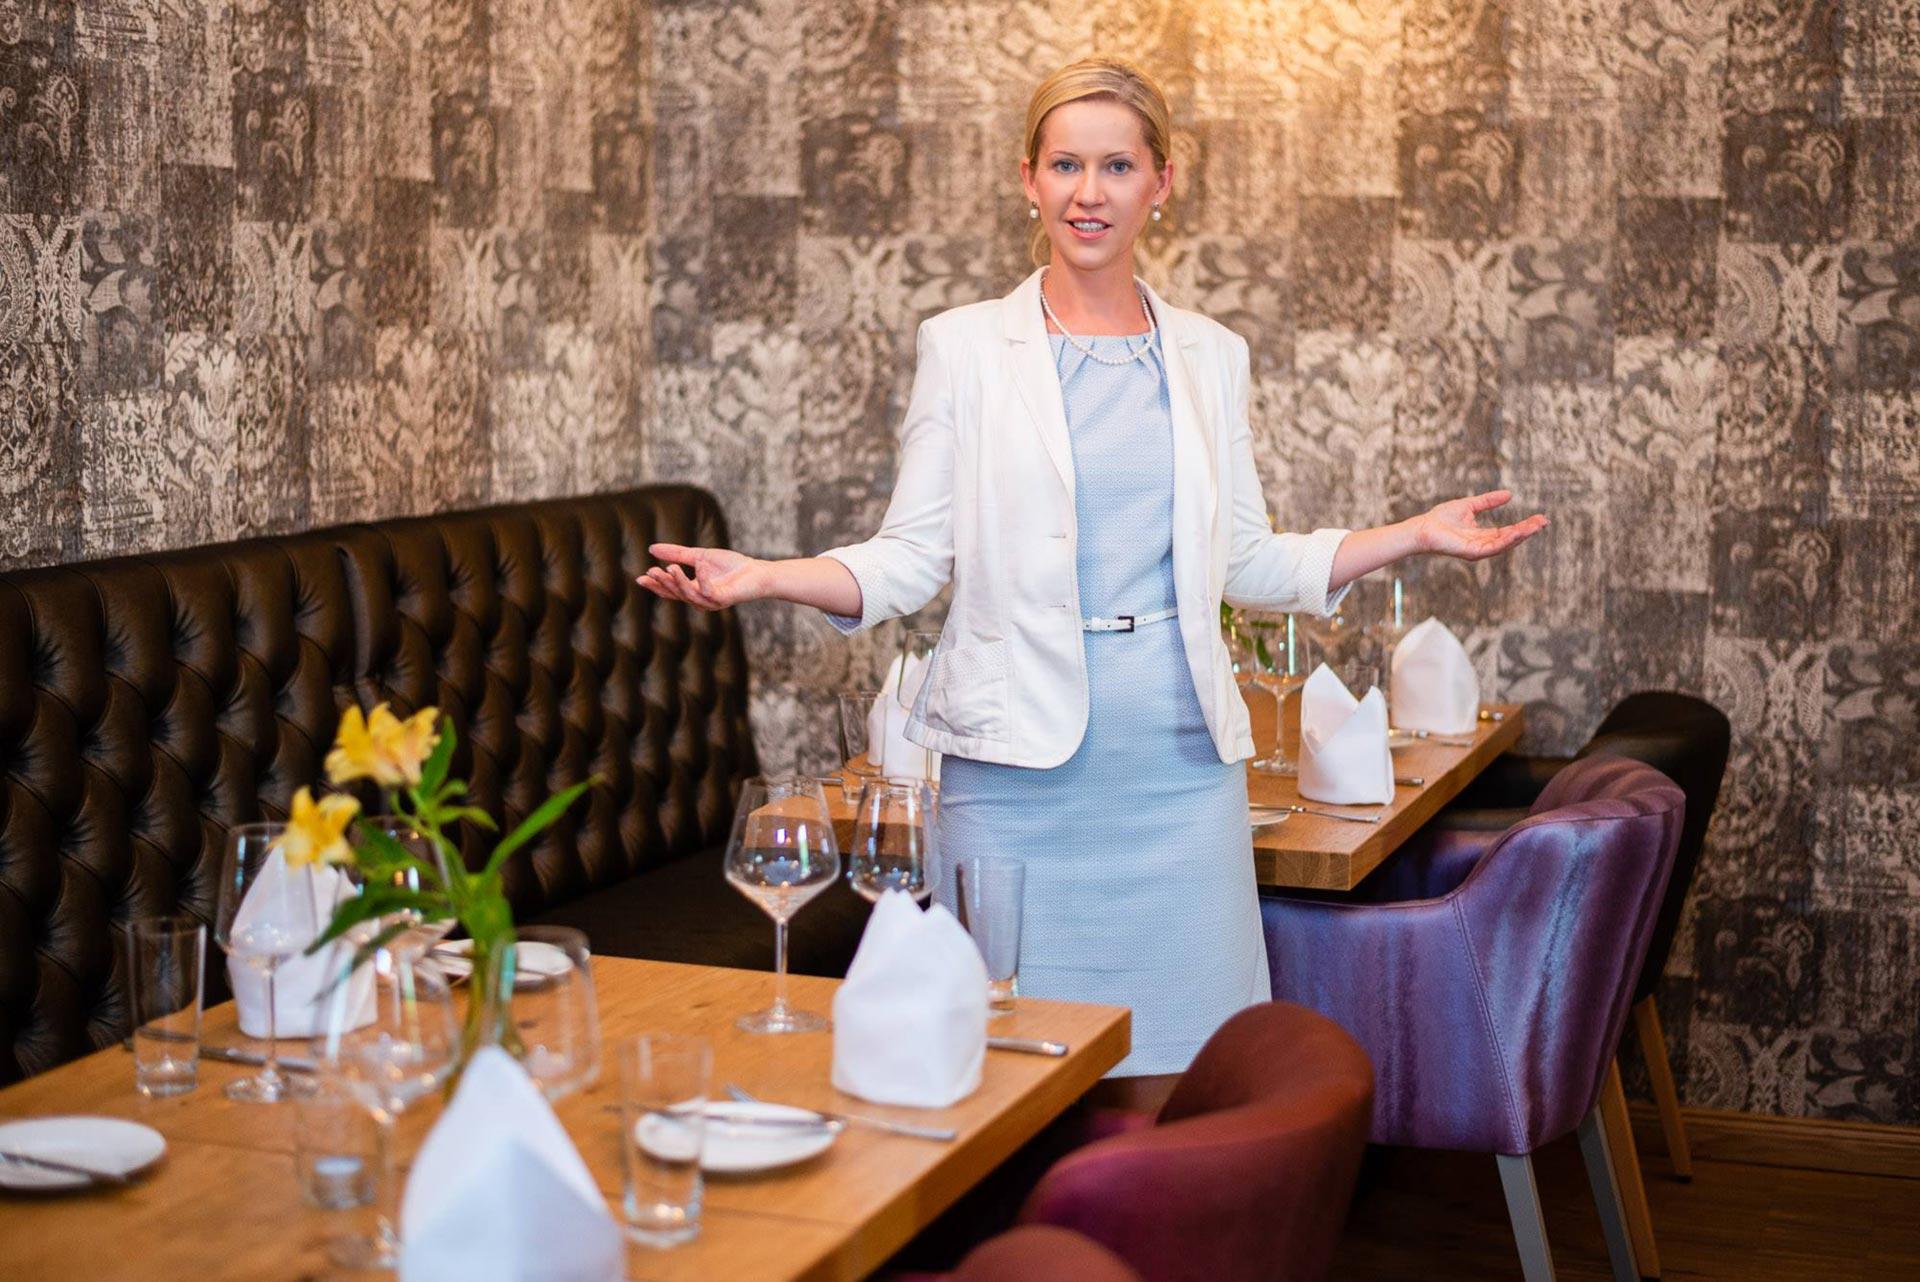 Janine Katharina Pötsch Knigge Trainerin München - Knigge Dinner